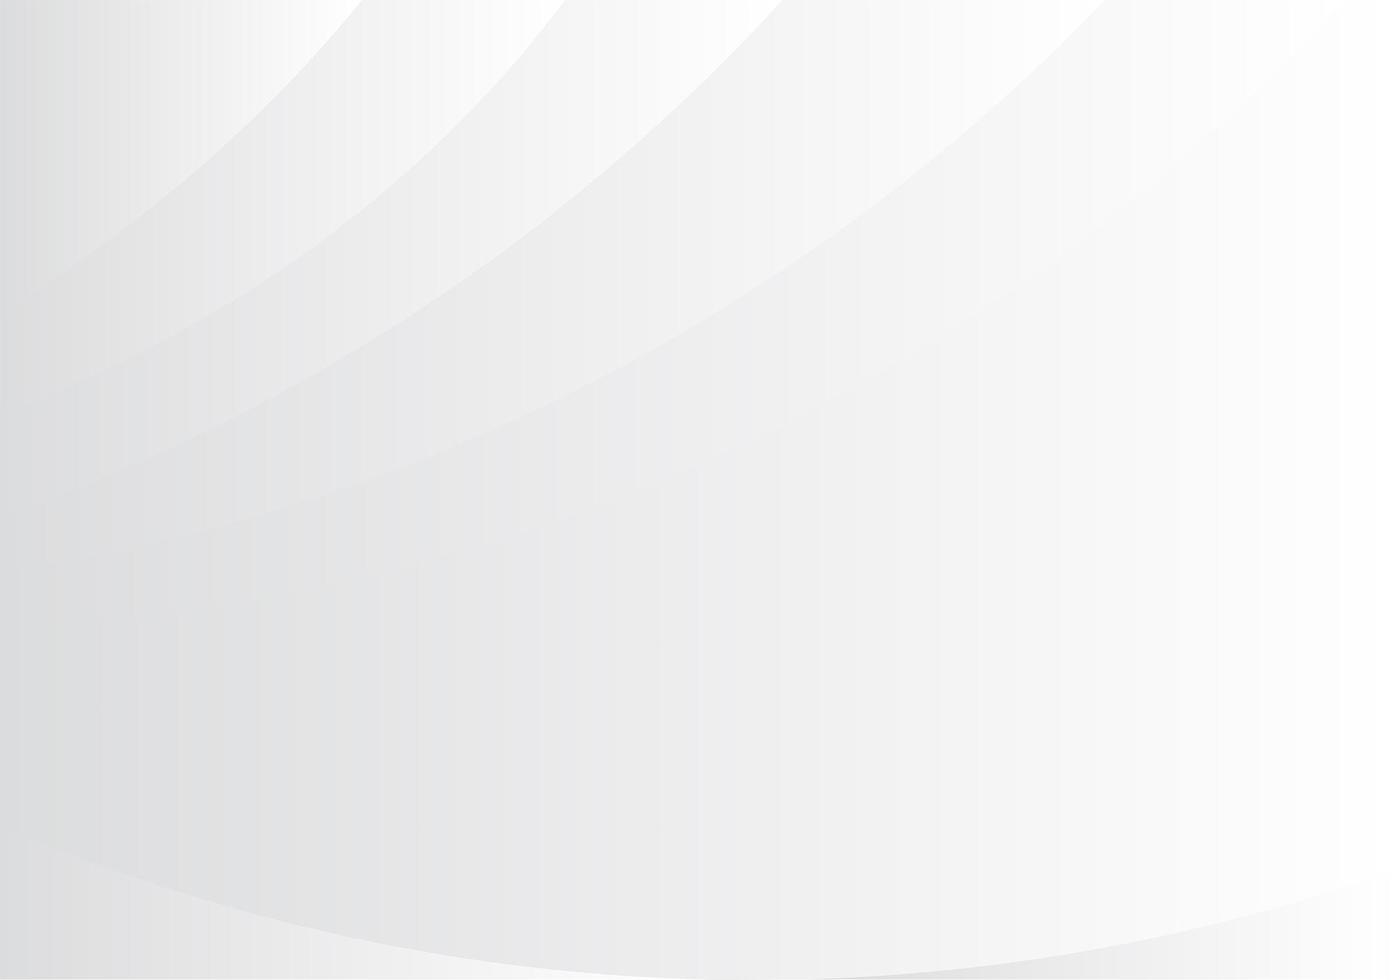 conception de courbe minimale dégradé gris vecteur